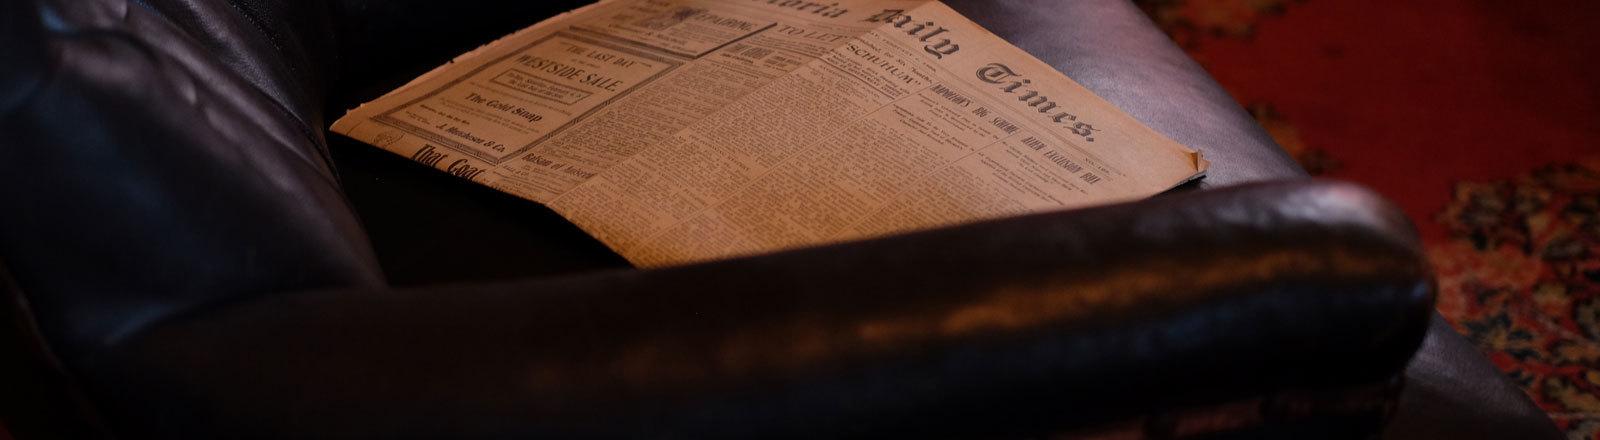 Eine alte Zeitung